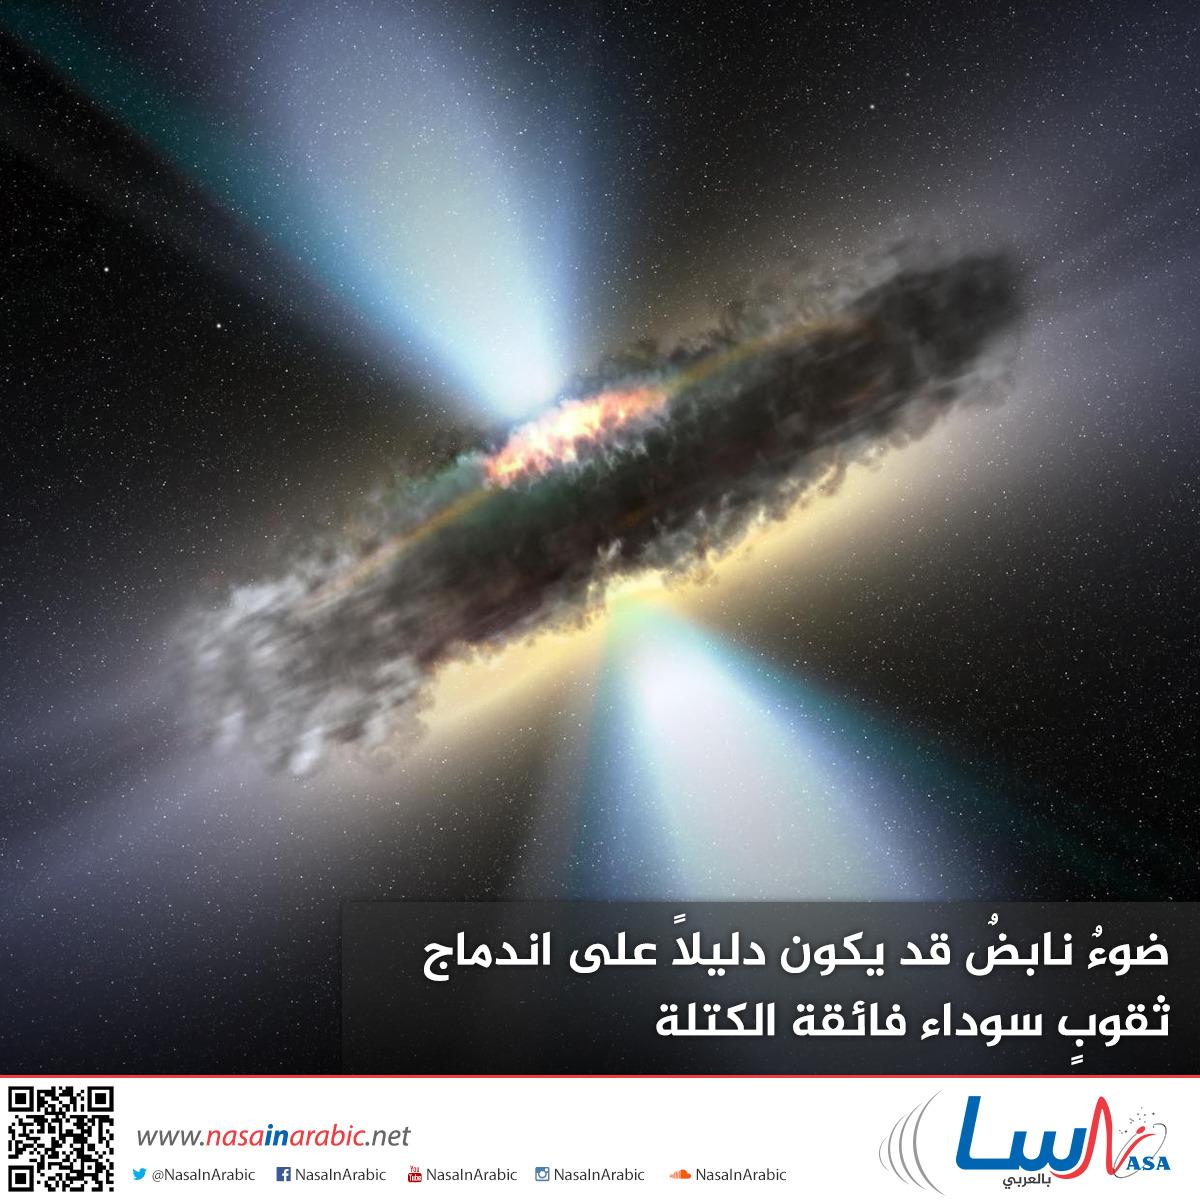 ضوءٌ نابضٌ قد يكون دليلاً على اندماج ثقوبٍ سوداء فائقة الكتلة